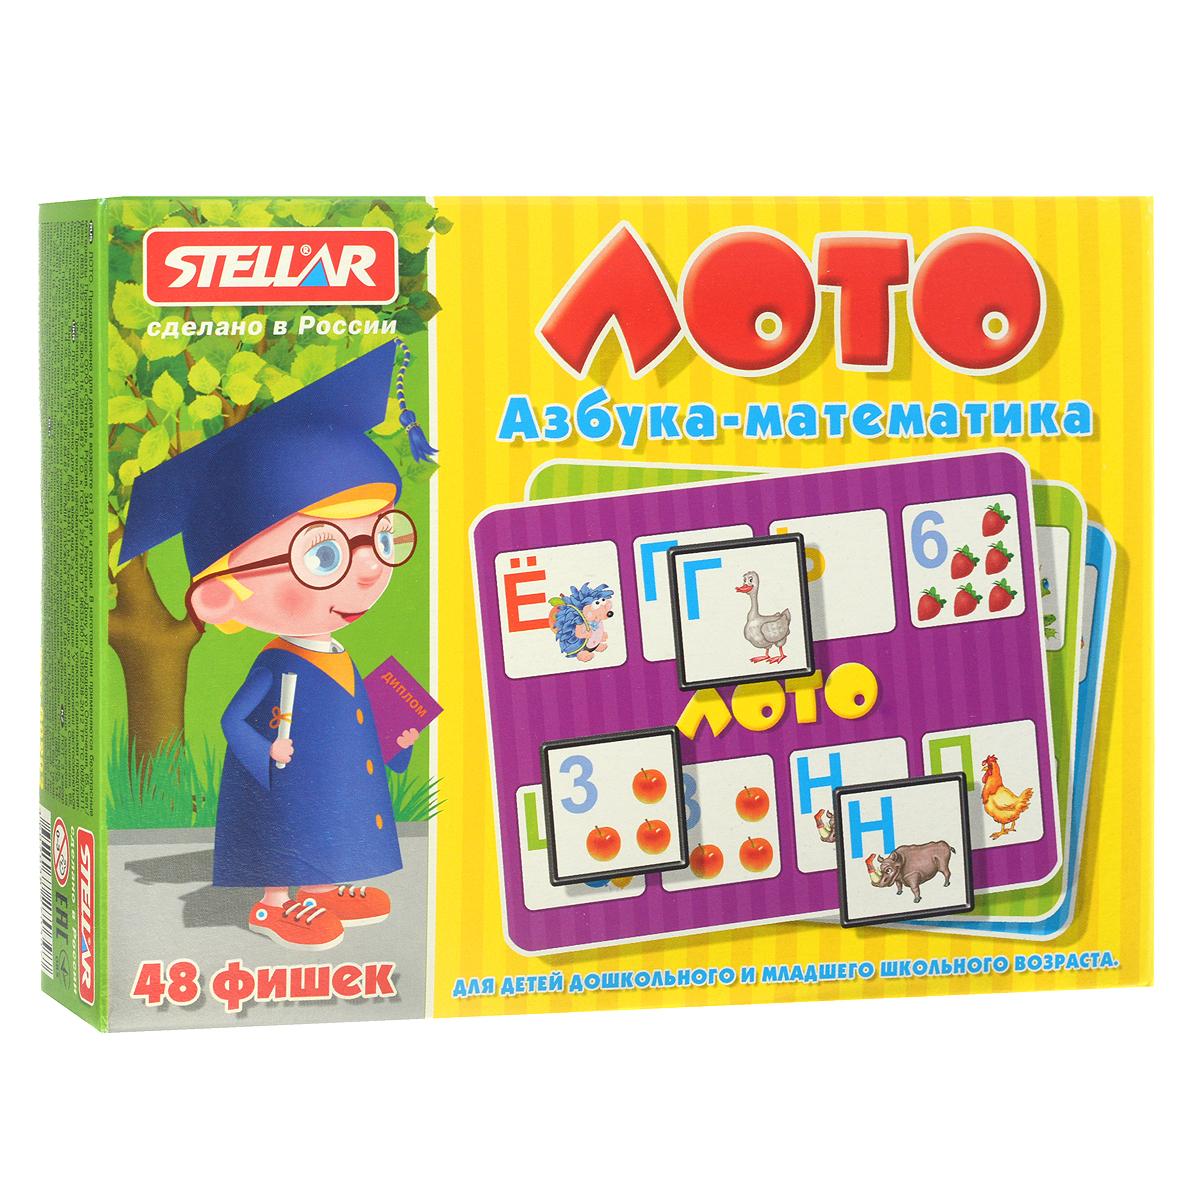 Лото Stellar Азбука-математика00902Лото Stellar Азбука-математика обязательно понравится вашему малышу. Комплект игры включает в себя 48 ярких фишек, 6 картонных карточек с забавными рисунками и полиэтиленовый мешочек для перемешивания фишек. Фишки выполнены из безопасного полистирола. В игре могут принимать участие до 4 человек. Фишки складываются в мешочек, игрокам раздают карточки. Ведущий достает фишки из мешка, а игроки накрывают ими совпавшие картинки. Выигрывает тот, кто первым накроет фишками все картинки. Также красочные фишки можно использовать в качестве обучающего материала - на примере картинок вы сможете рассказать малышу о цифрах и буквах. Игра в лото не только подарит малышу множество веселых мгновений, но и поможет познакомиться с новыми словами, а также развить внимательность, логическое мышление и мелкую моторику.